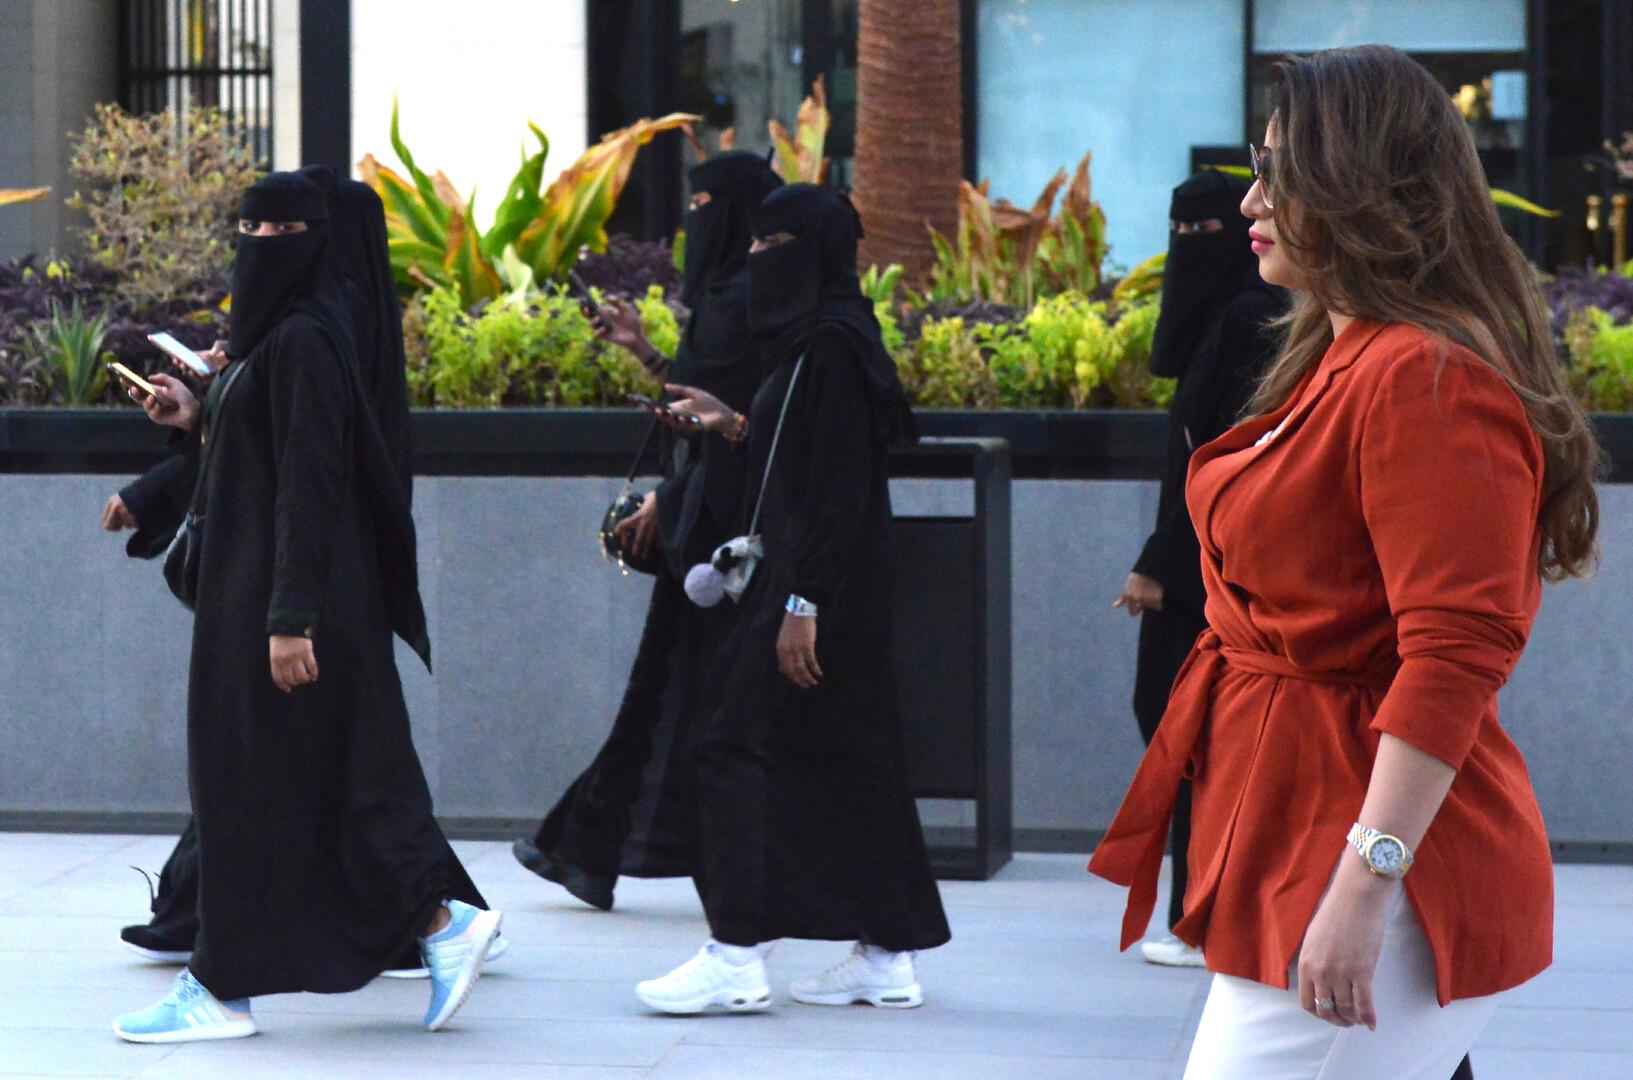 مشاعل الجالود في الرياض